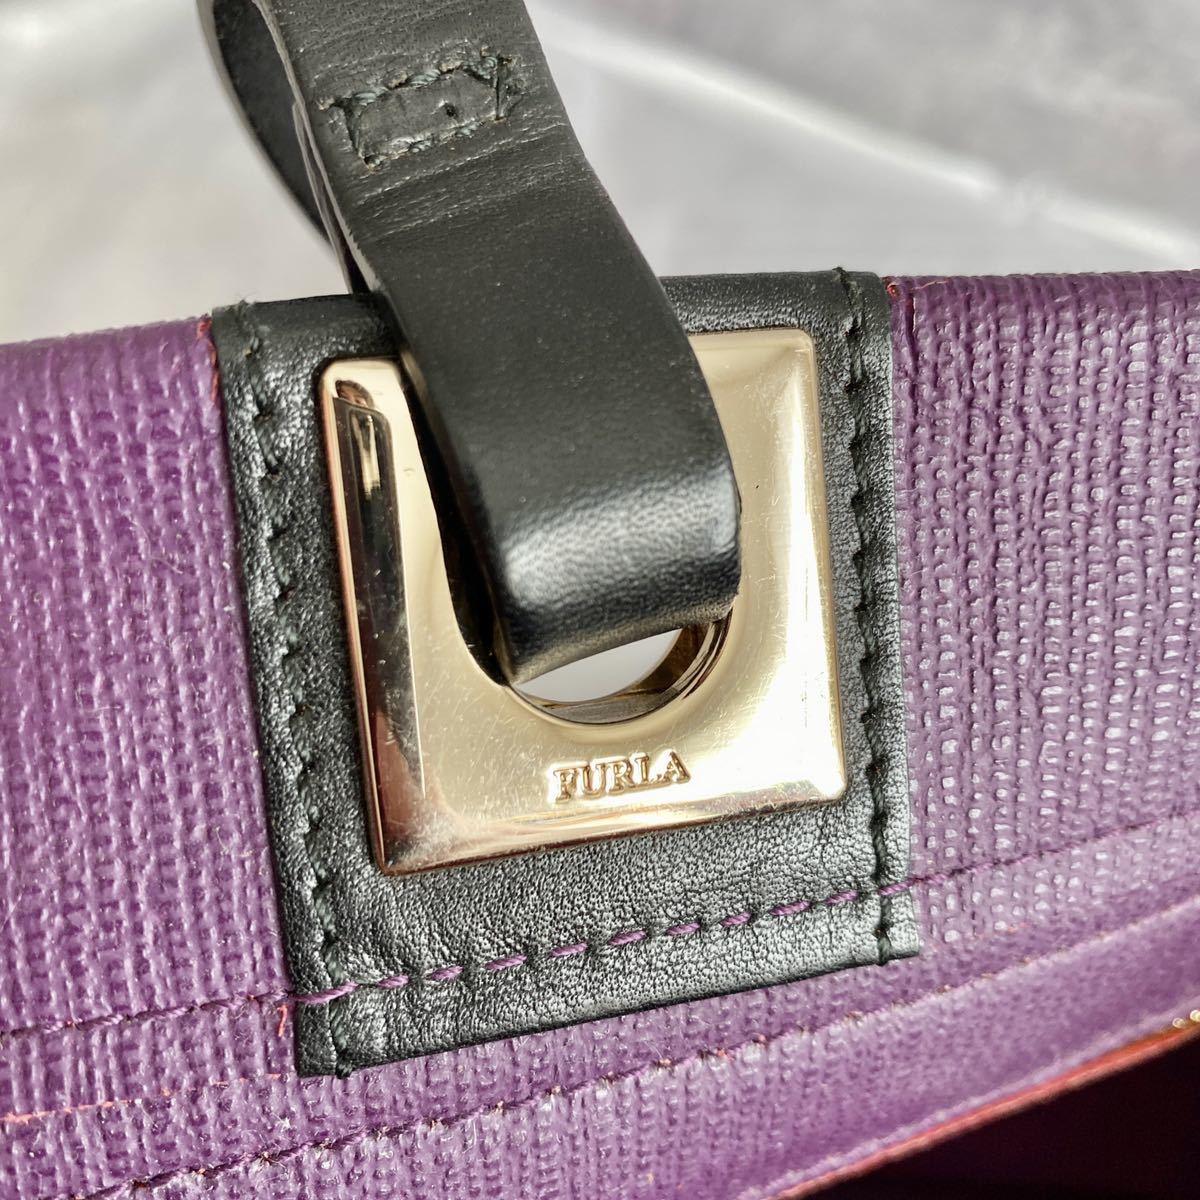 美品 FURLA フルラ トートバッグ ハンドバッグ ショルダーバッグ 肩掛け ブランドロゴ 金具 ゴールド レザー 本革 イタリア製 パープル _画像9